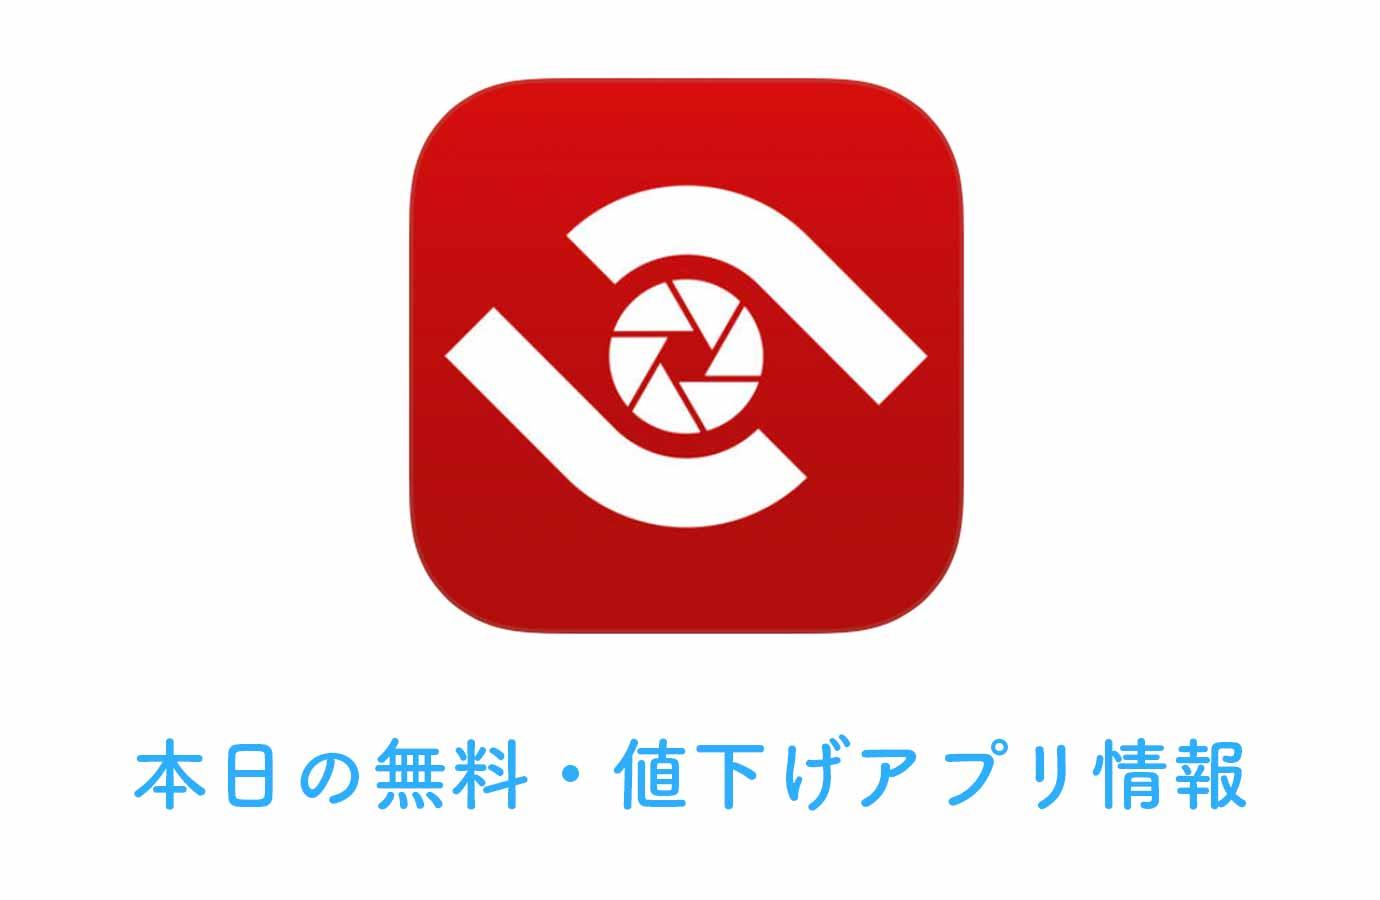 【840円→無料】多機能カメラ・写真編集アプリ「ACDSee Pro」など【2/5】本日の無料・値下げアプリ情報